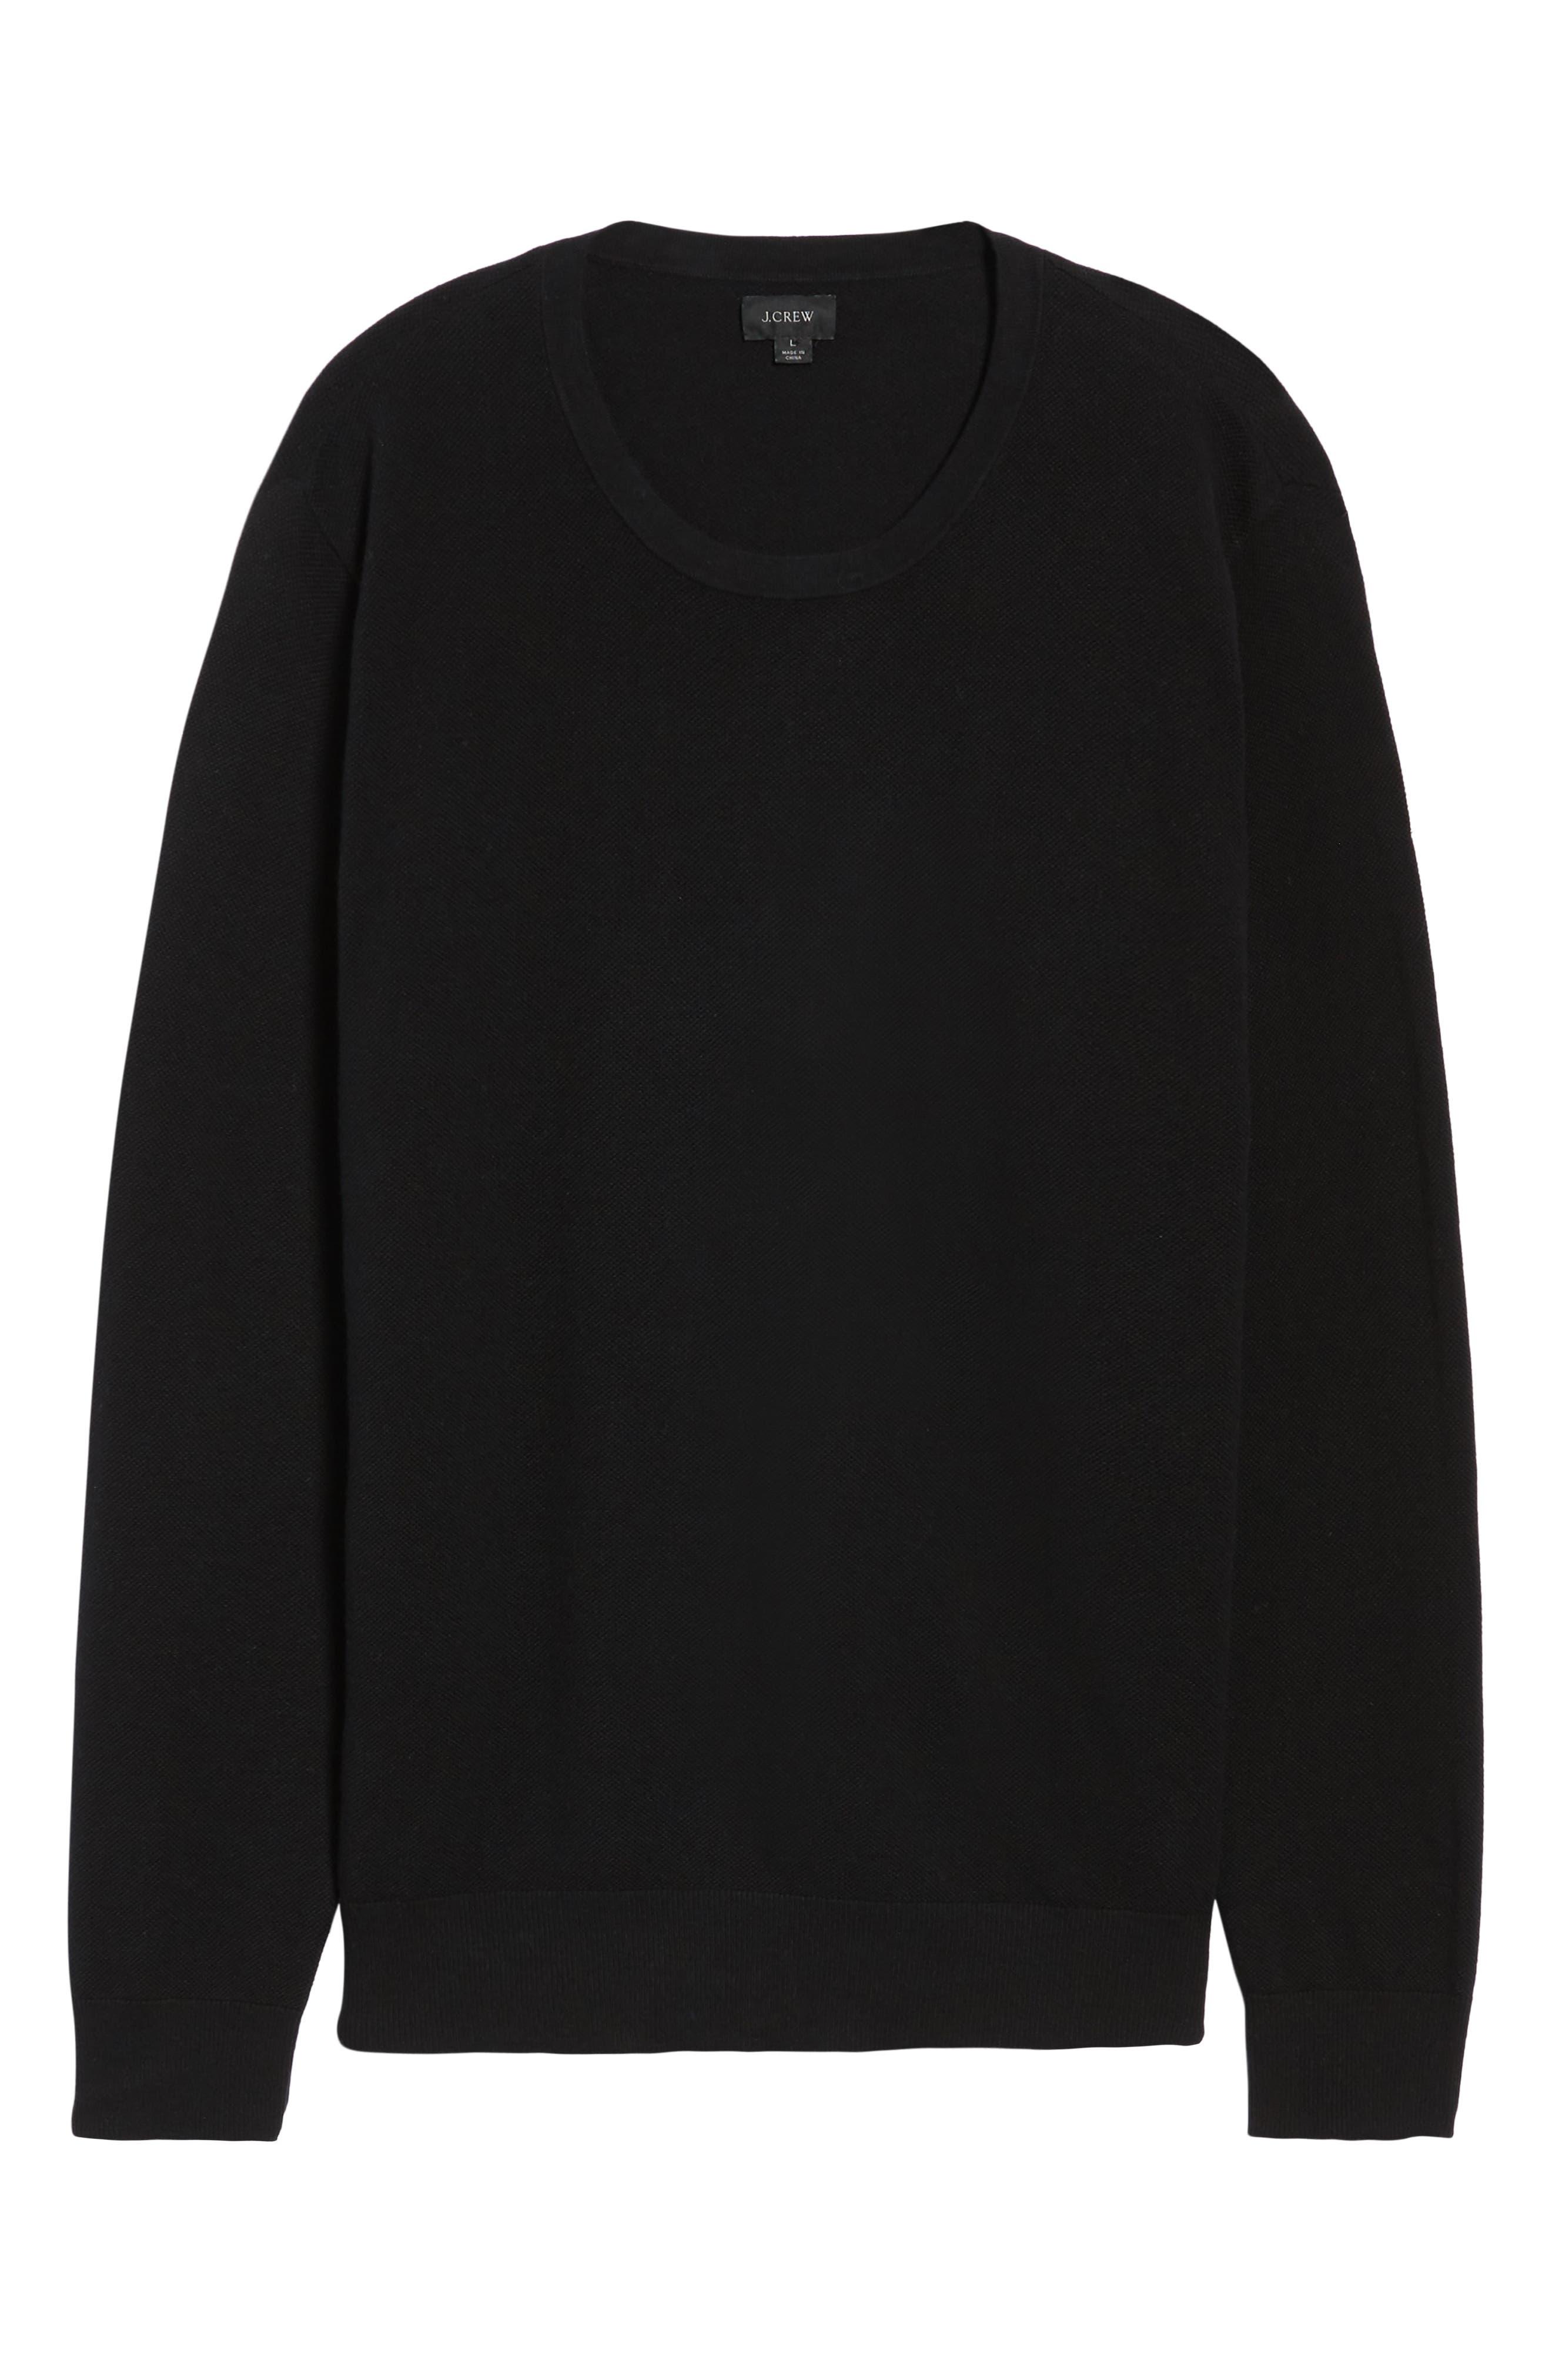 Cotton & Cashmere Piqué Crewneck Sweater,                             Alternate thumbnail 6, color,                             001